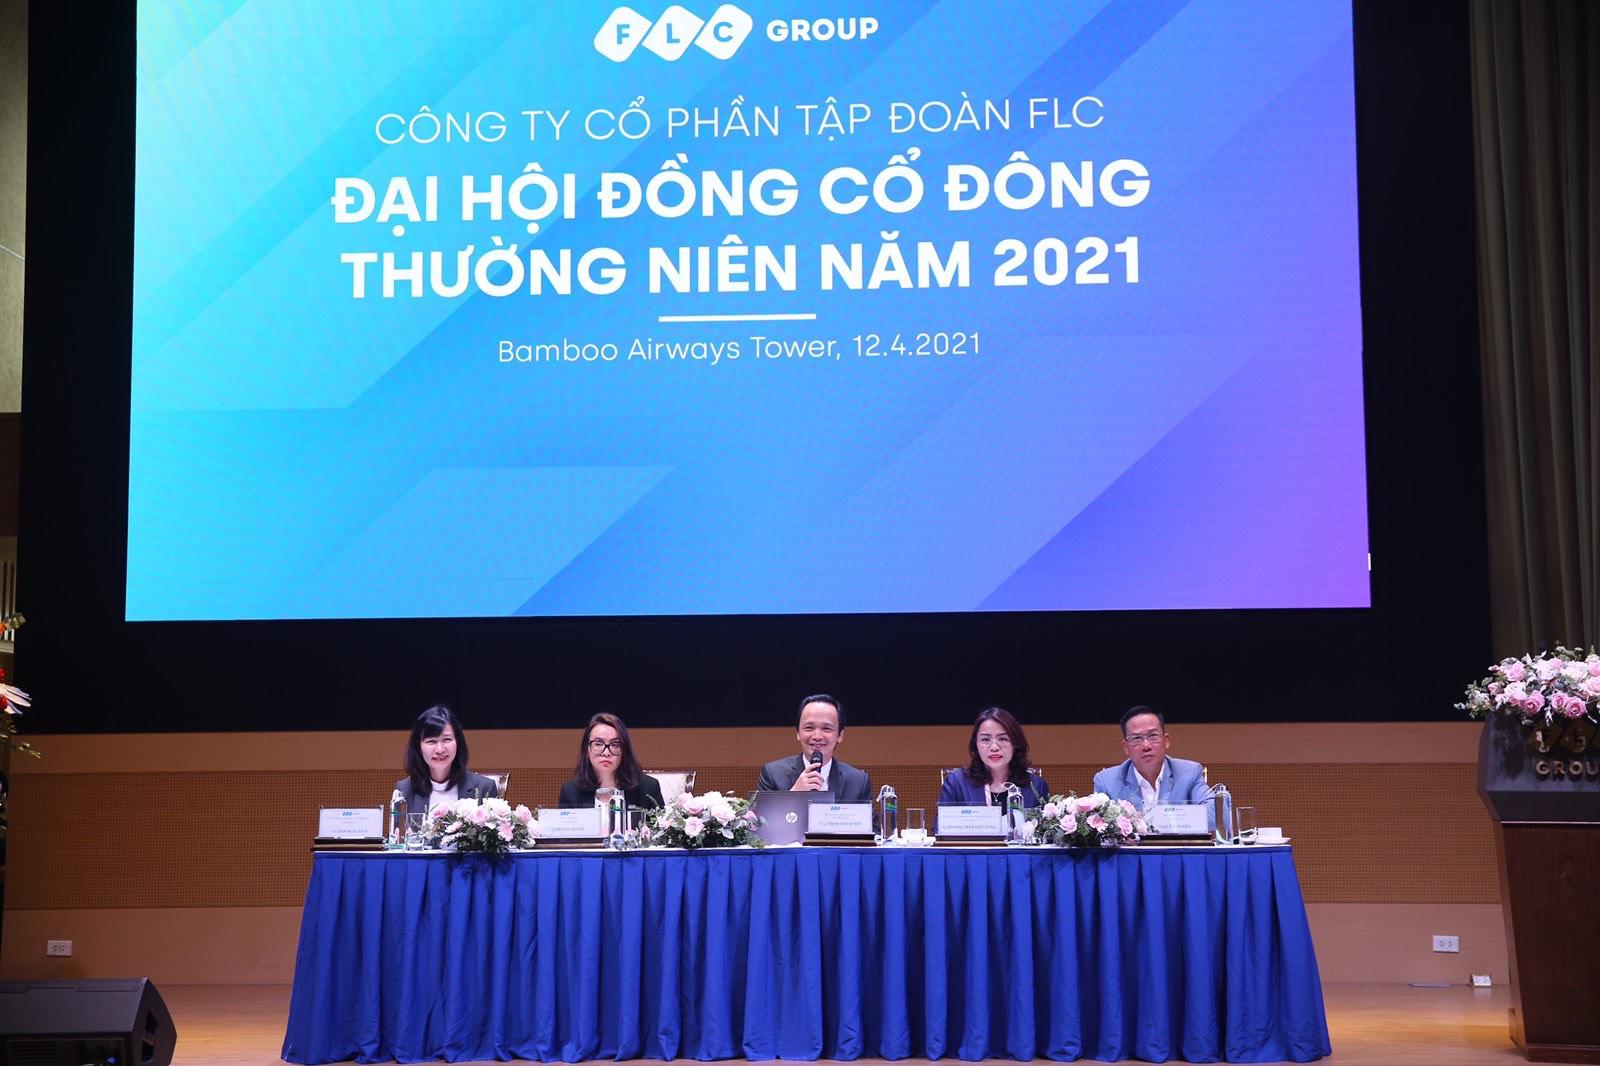 Ông Trịnh Văn Quyết tặng quà cho cổ đông FLC: Mua càng nhiều cổ phiếu thì quà càng to, tối đa 100 triệu đồng - Ảnh 1.